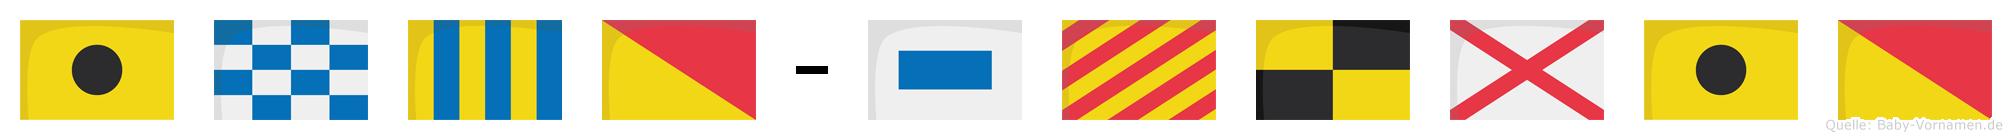 Ingo-Sylvio im Flaggenalphabet